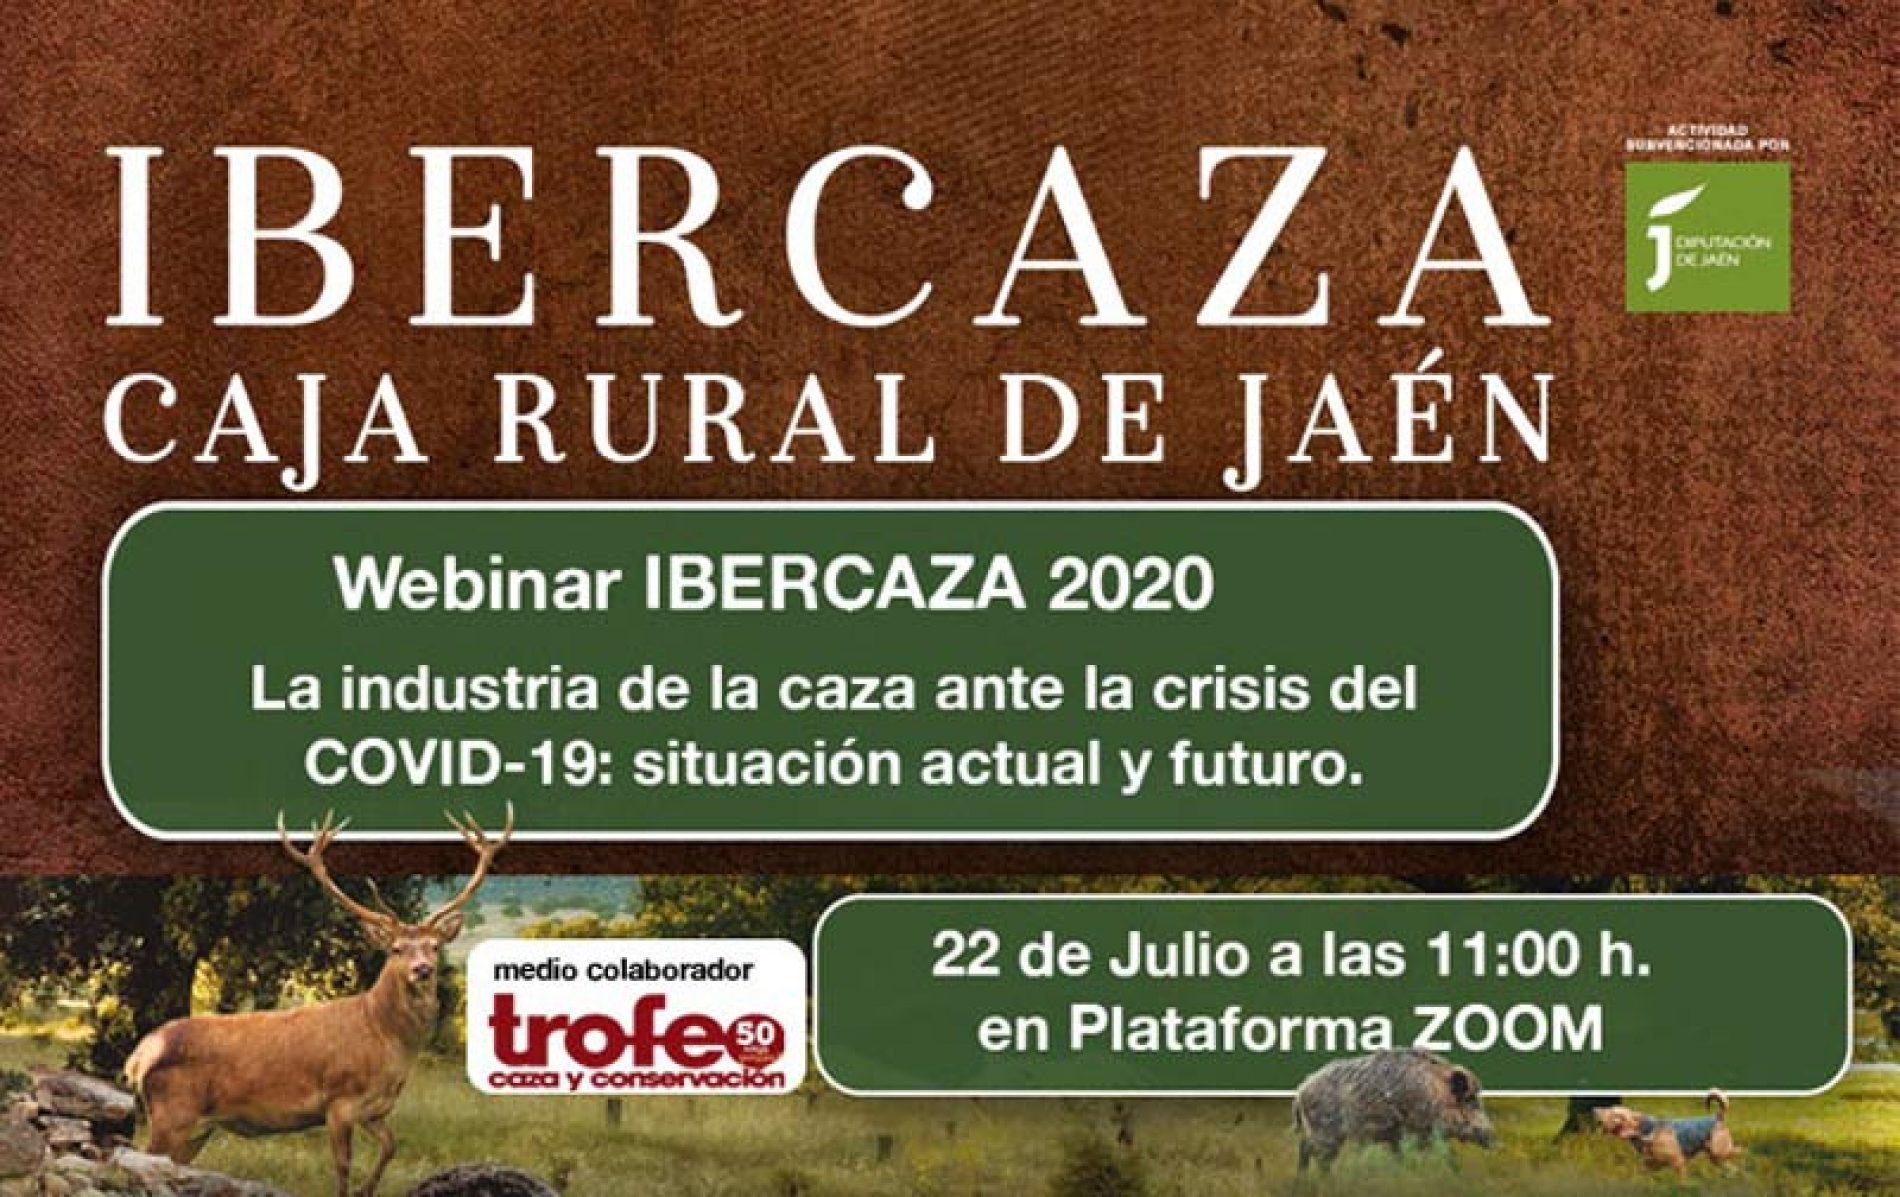 Ibercaza 2020 organiza el Webinar : La industria de la caza ante la crisis del COVID-19